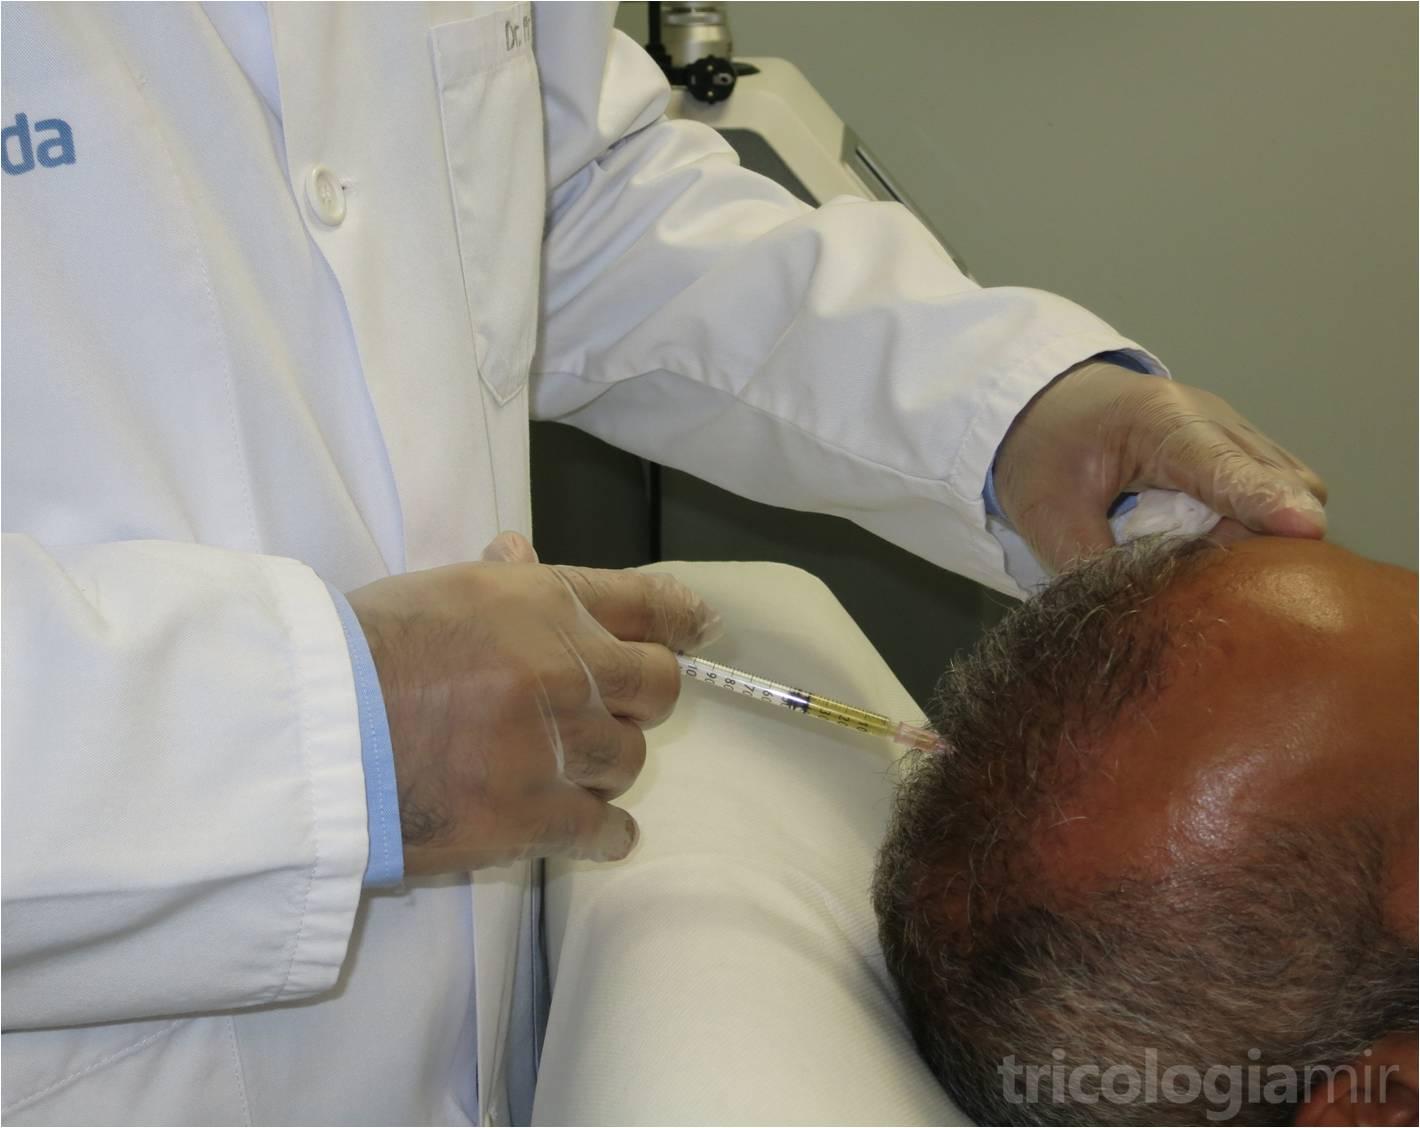 Aprovechamos el plasma rico en plaquetas para infiltrar directamente sobre el cuero cabelludo